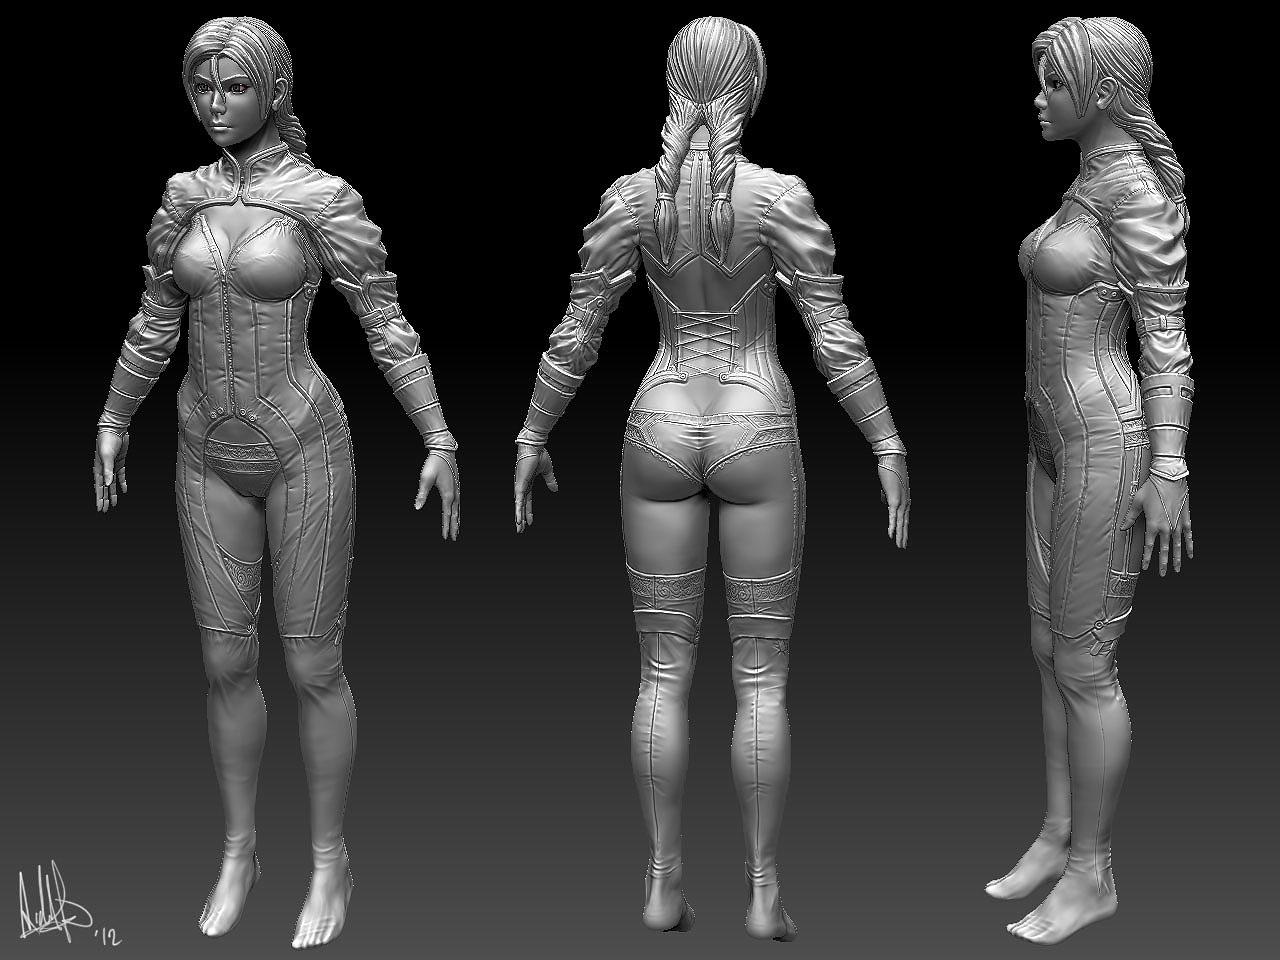 Steampunk Girl WIP 2 by MeganeRid